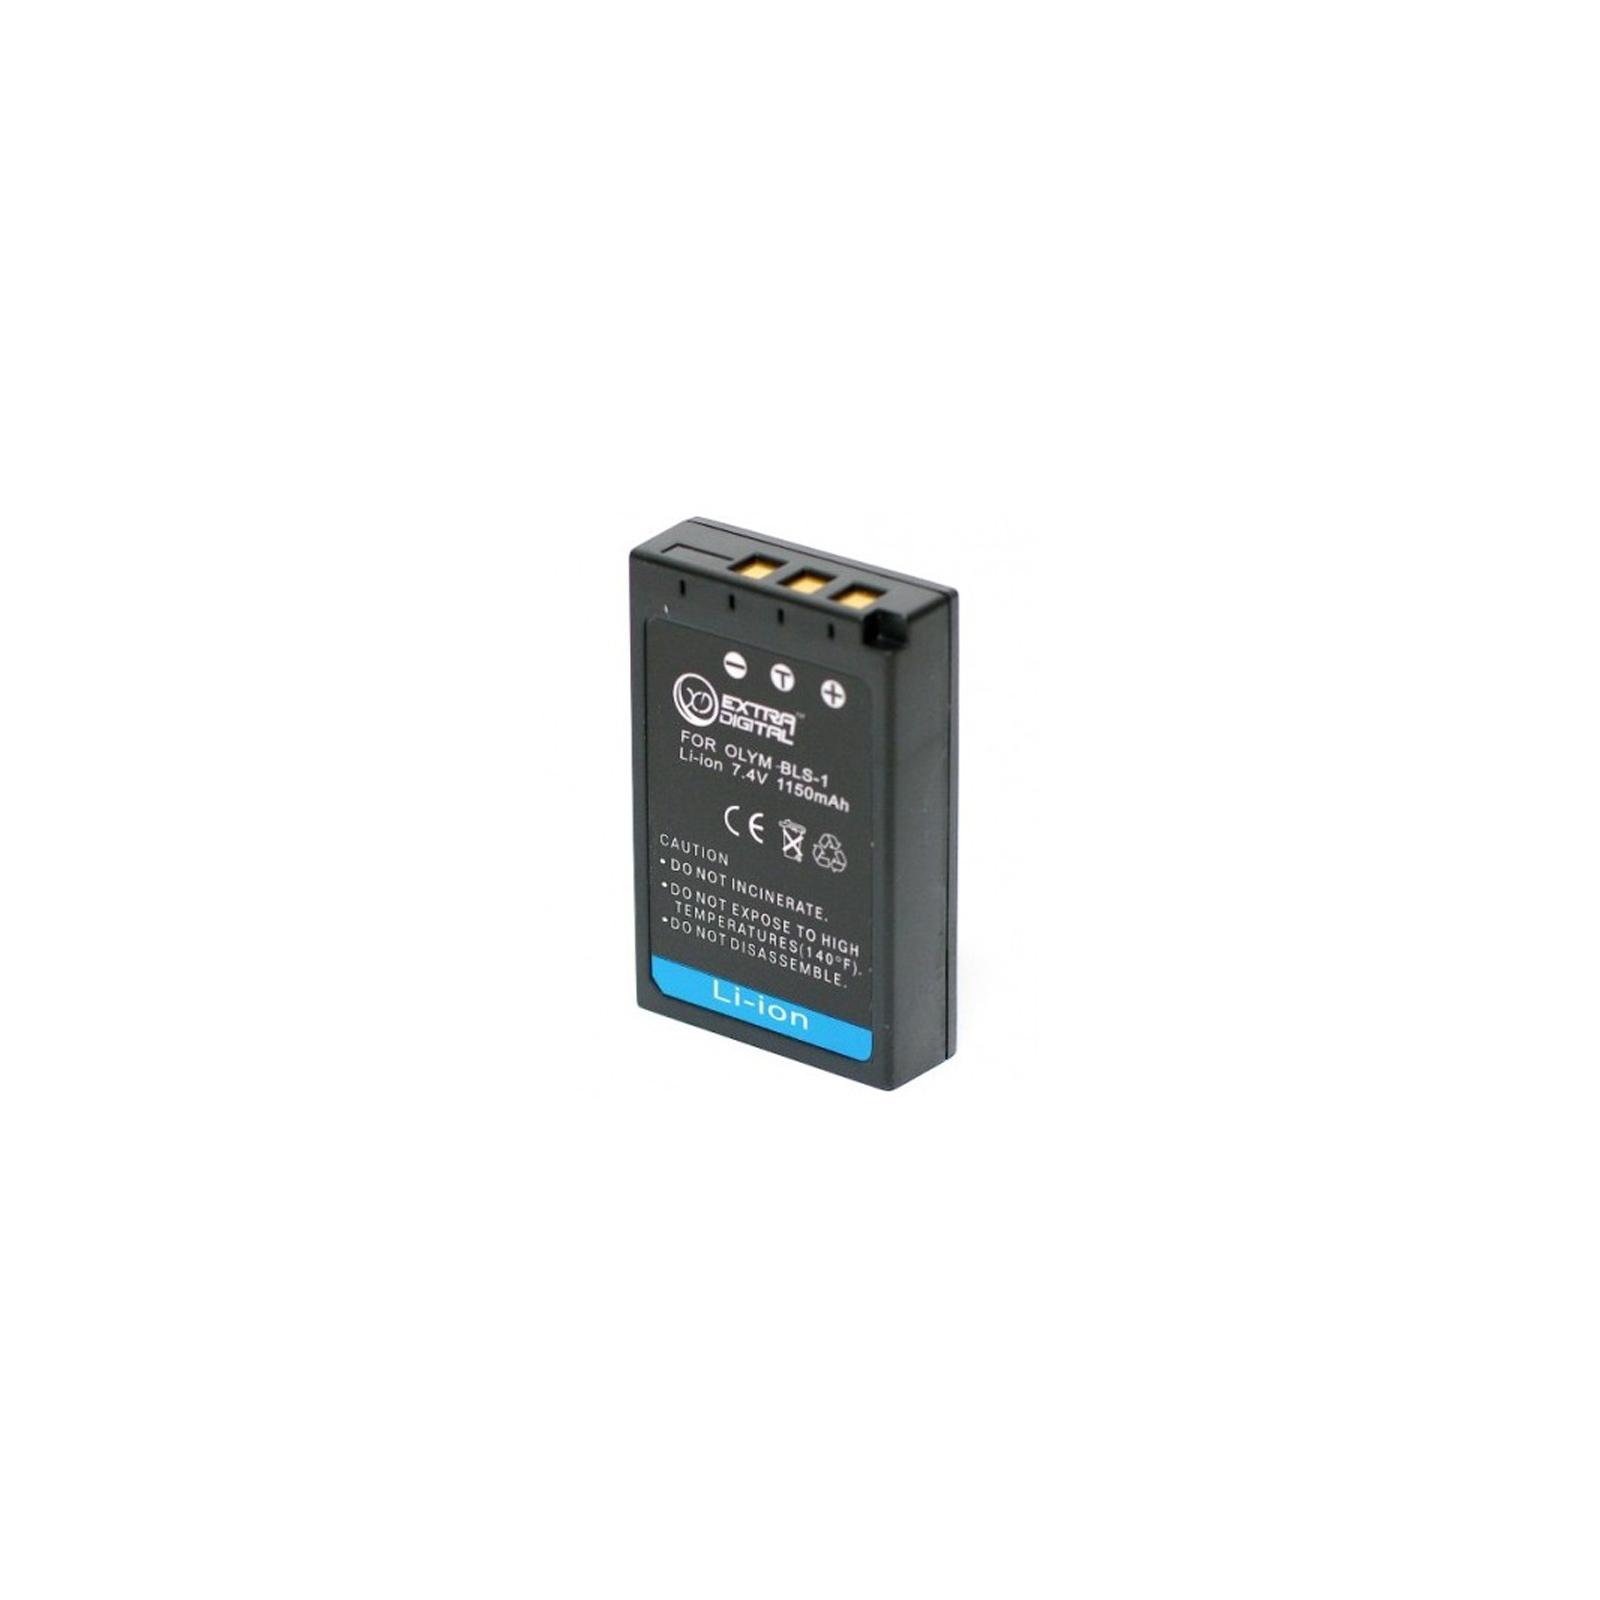 Аккумулятор к фото/видео EXTRADIGITAL Olympus PS-BLS1 (DV00DV1193) изображение 2